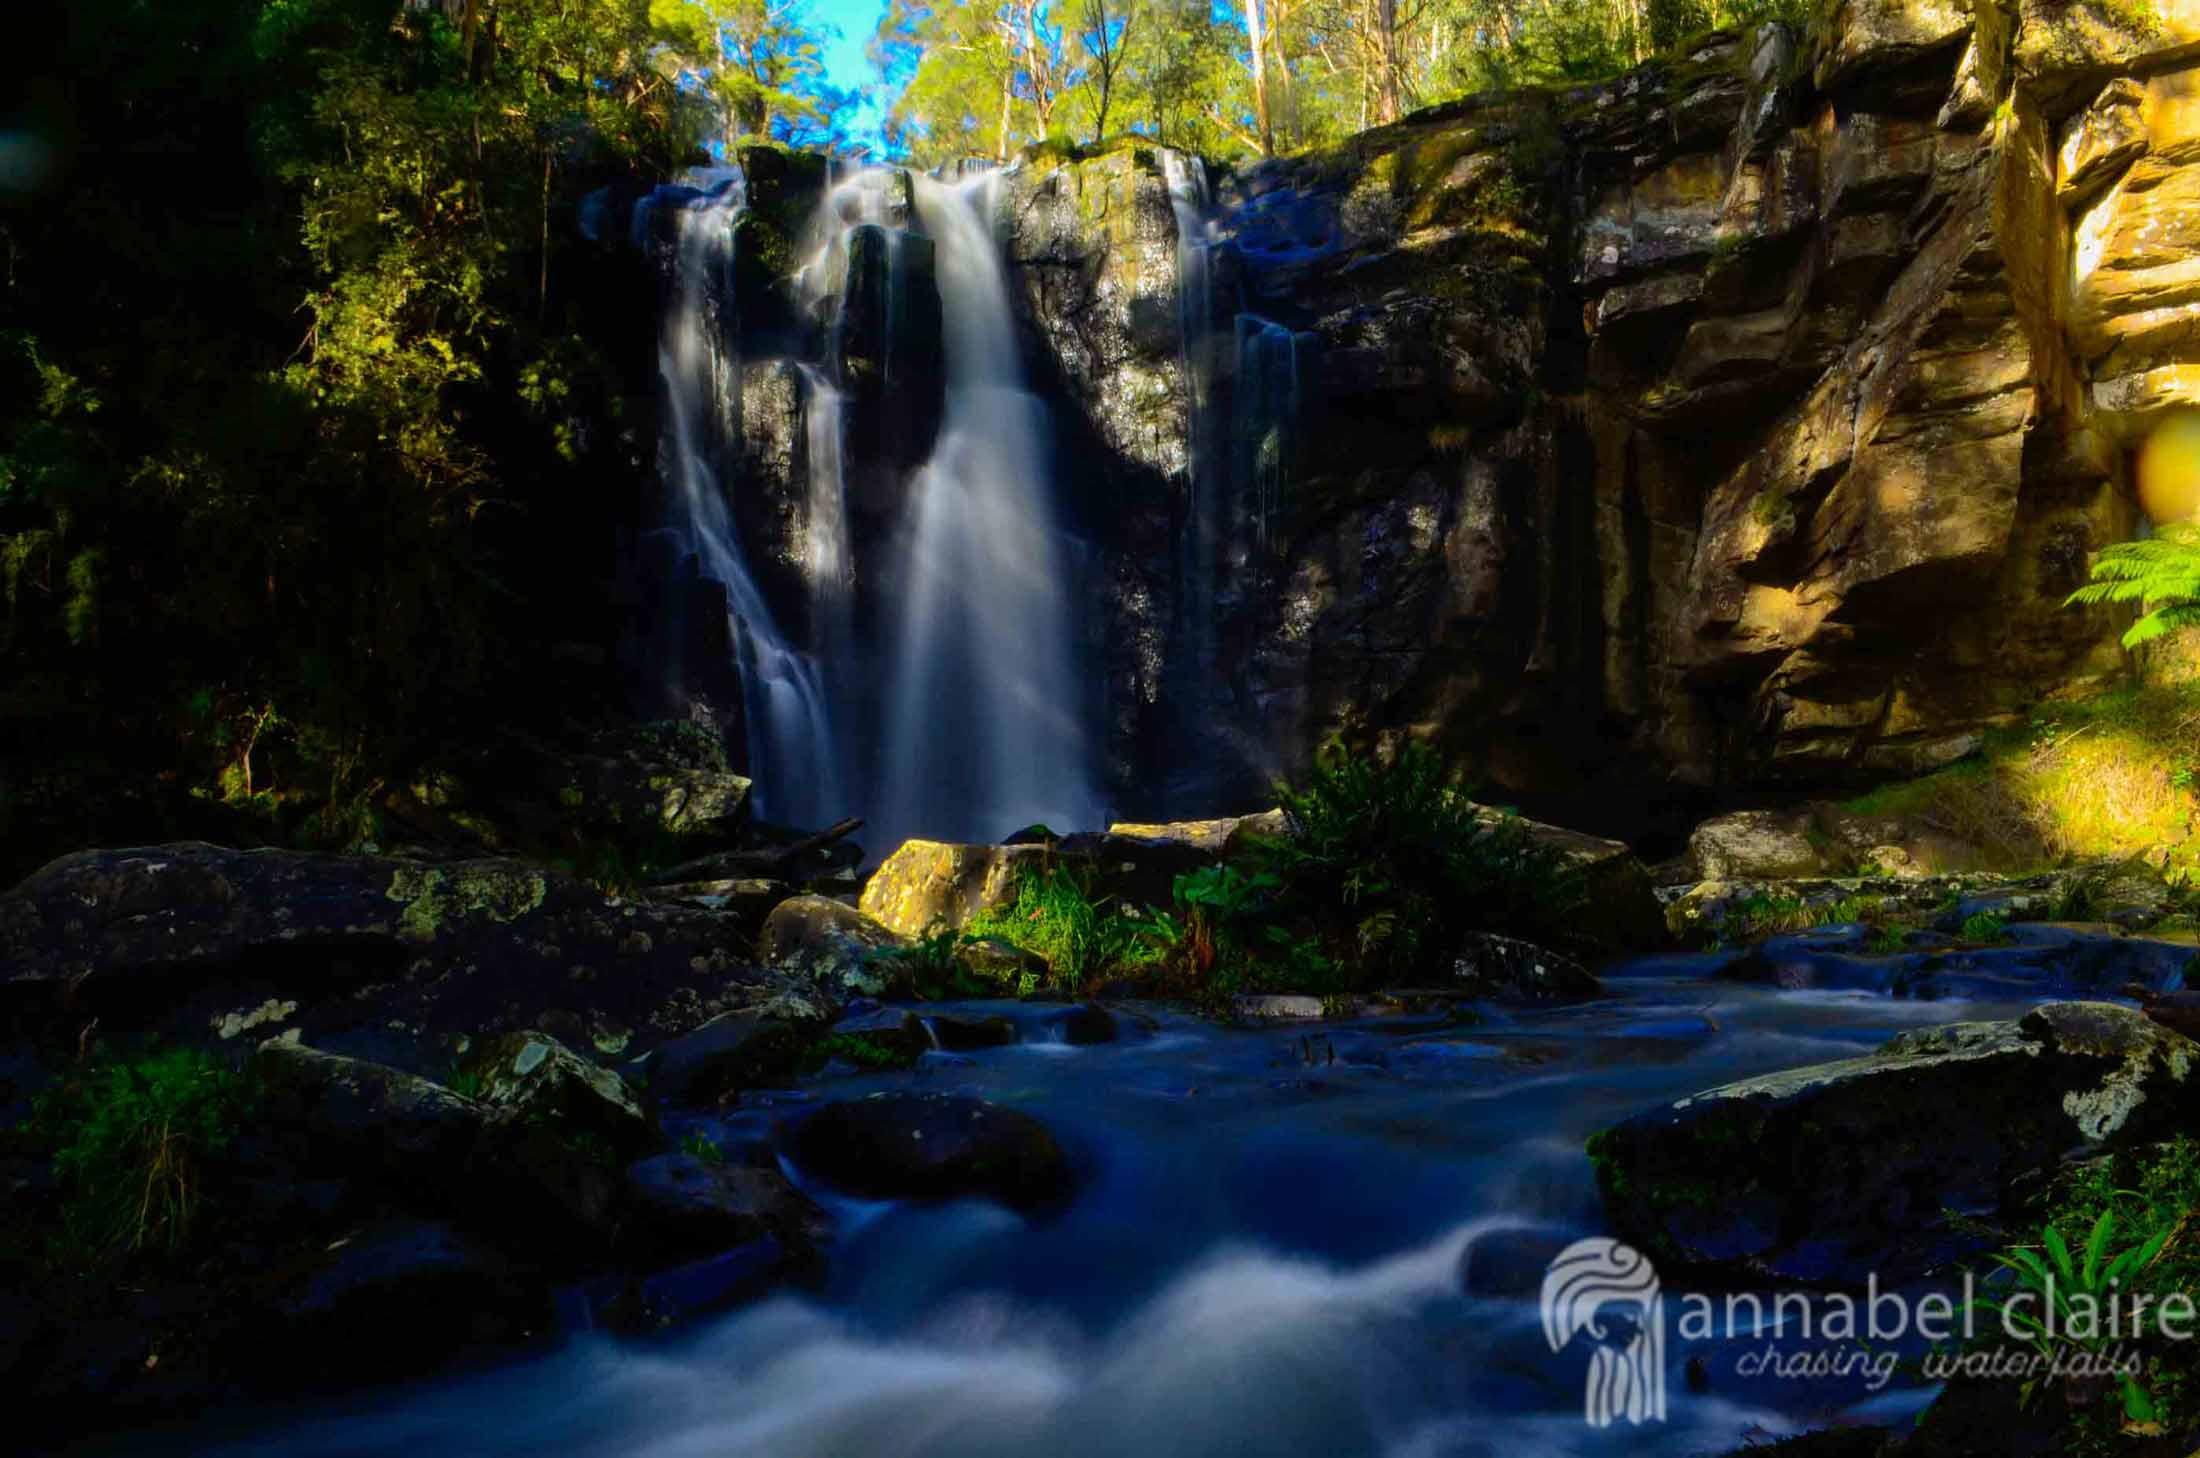 Phantom Falls taken during Chasing Waterfalls trip to Lorne, Victoria